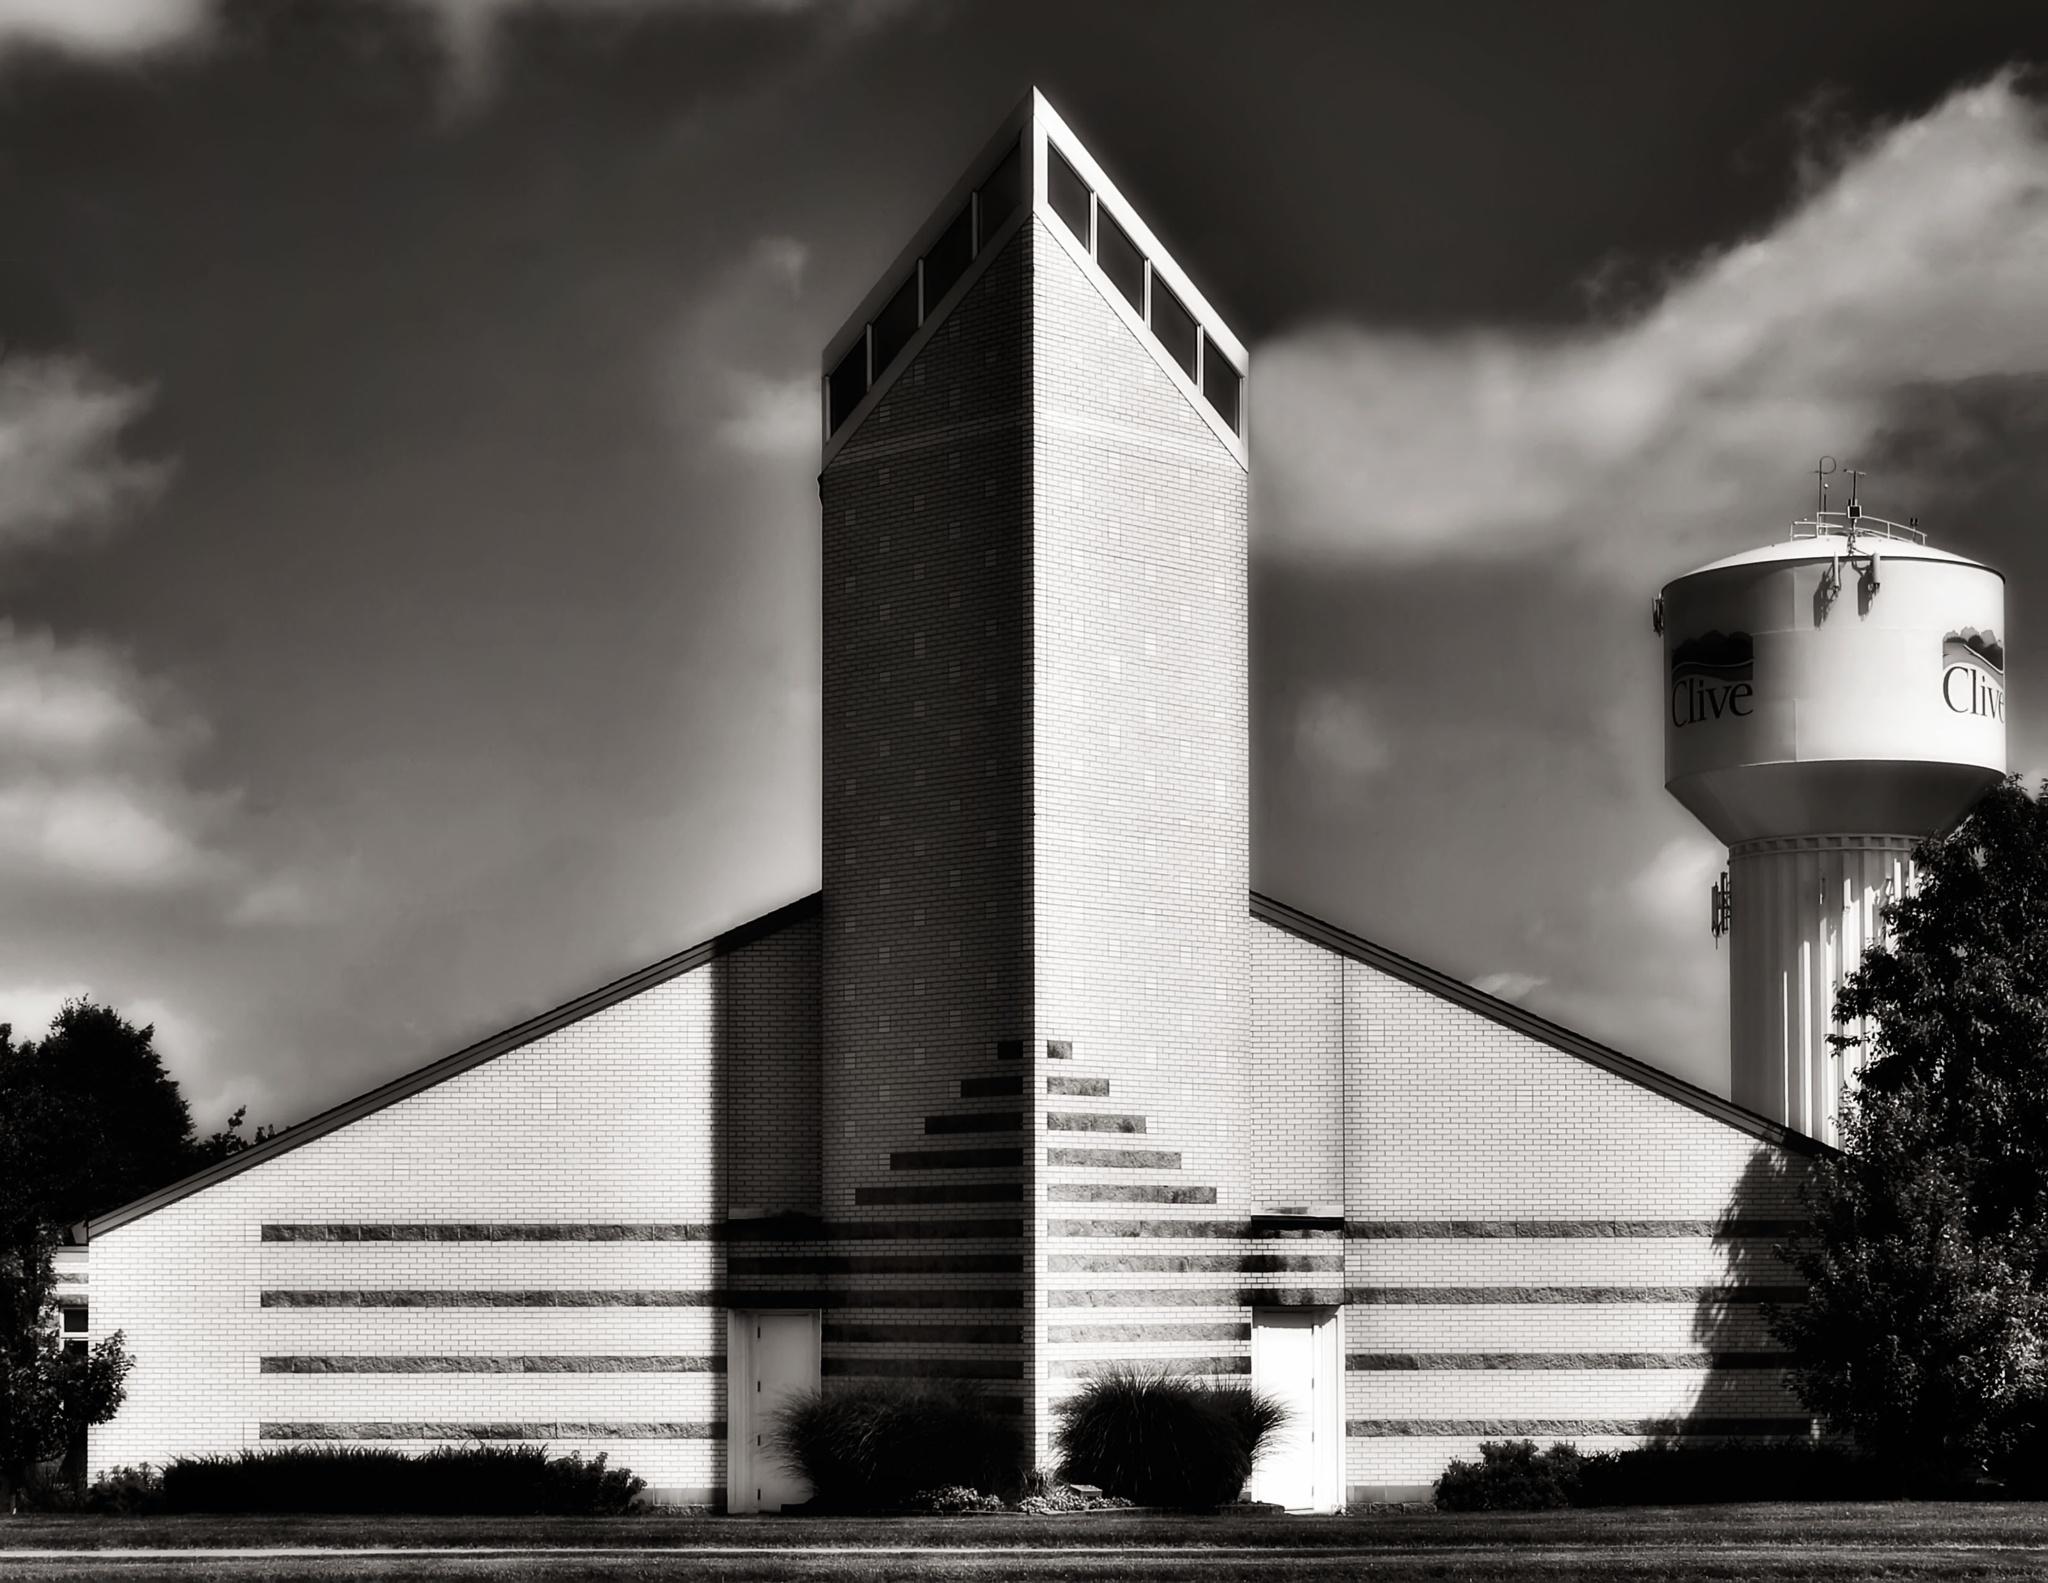 B&W Church by Randy Dorman